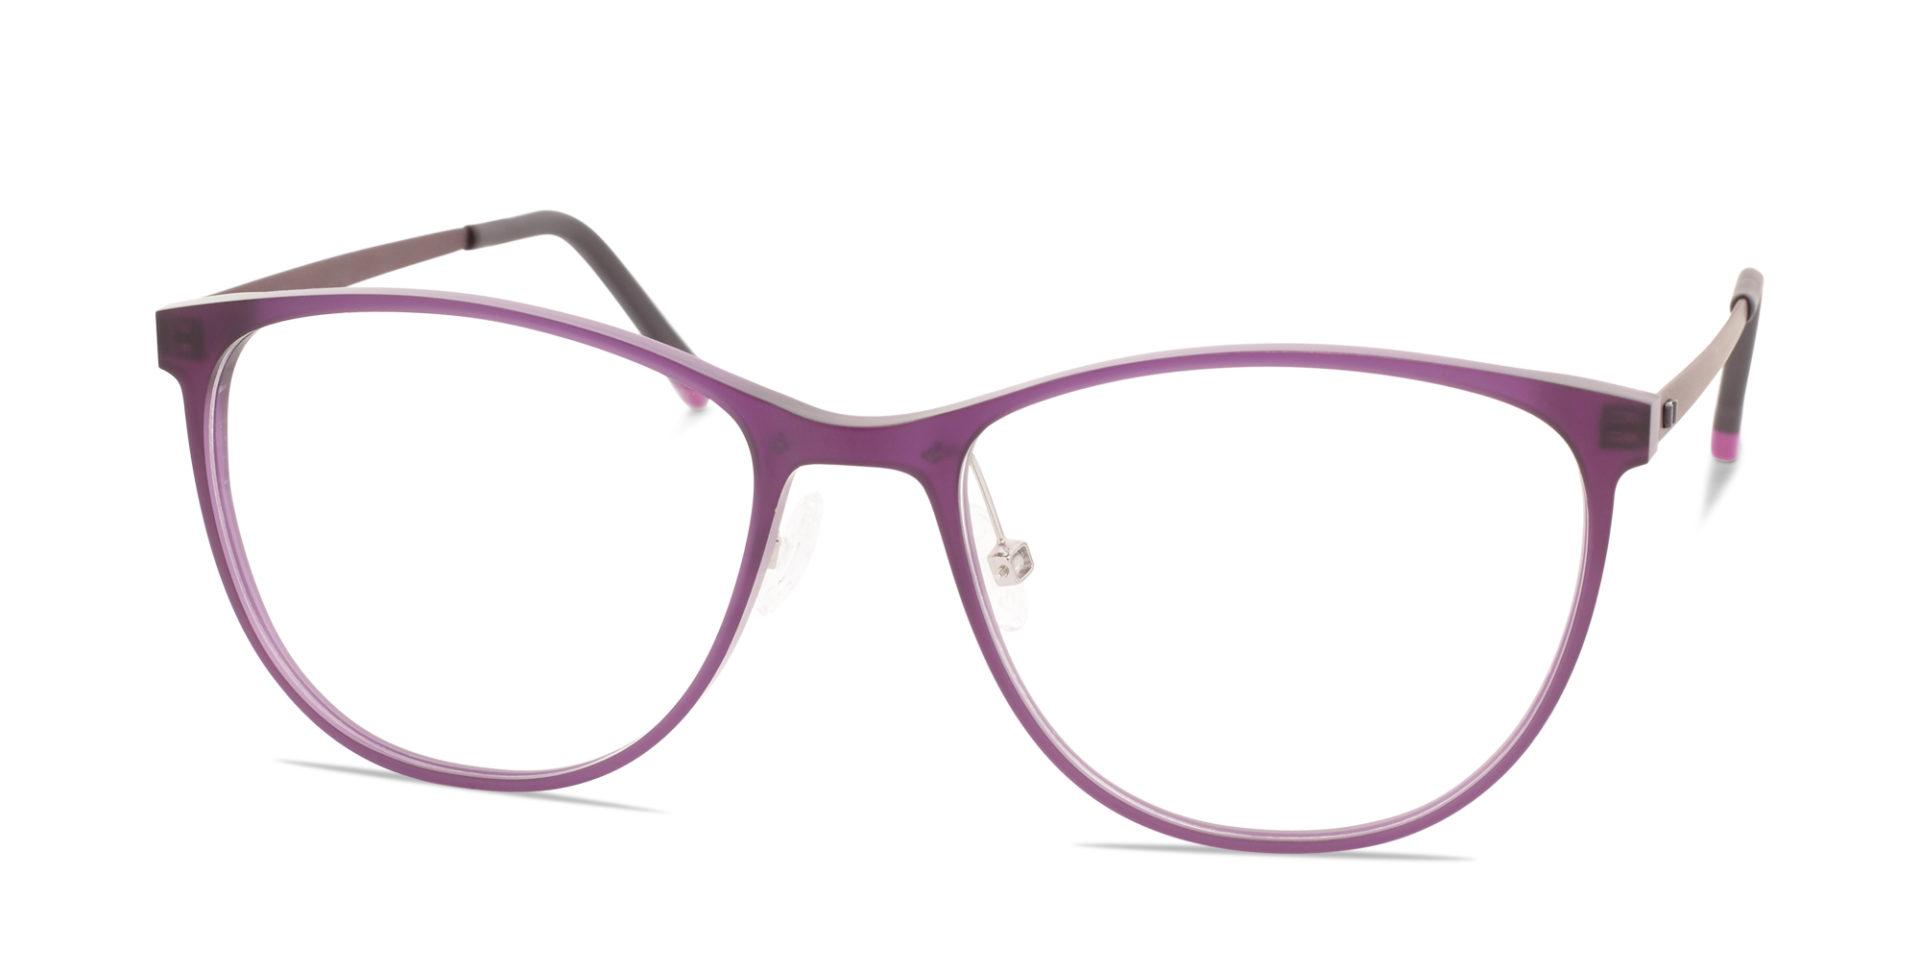 Imago Brillen münchen